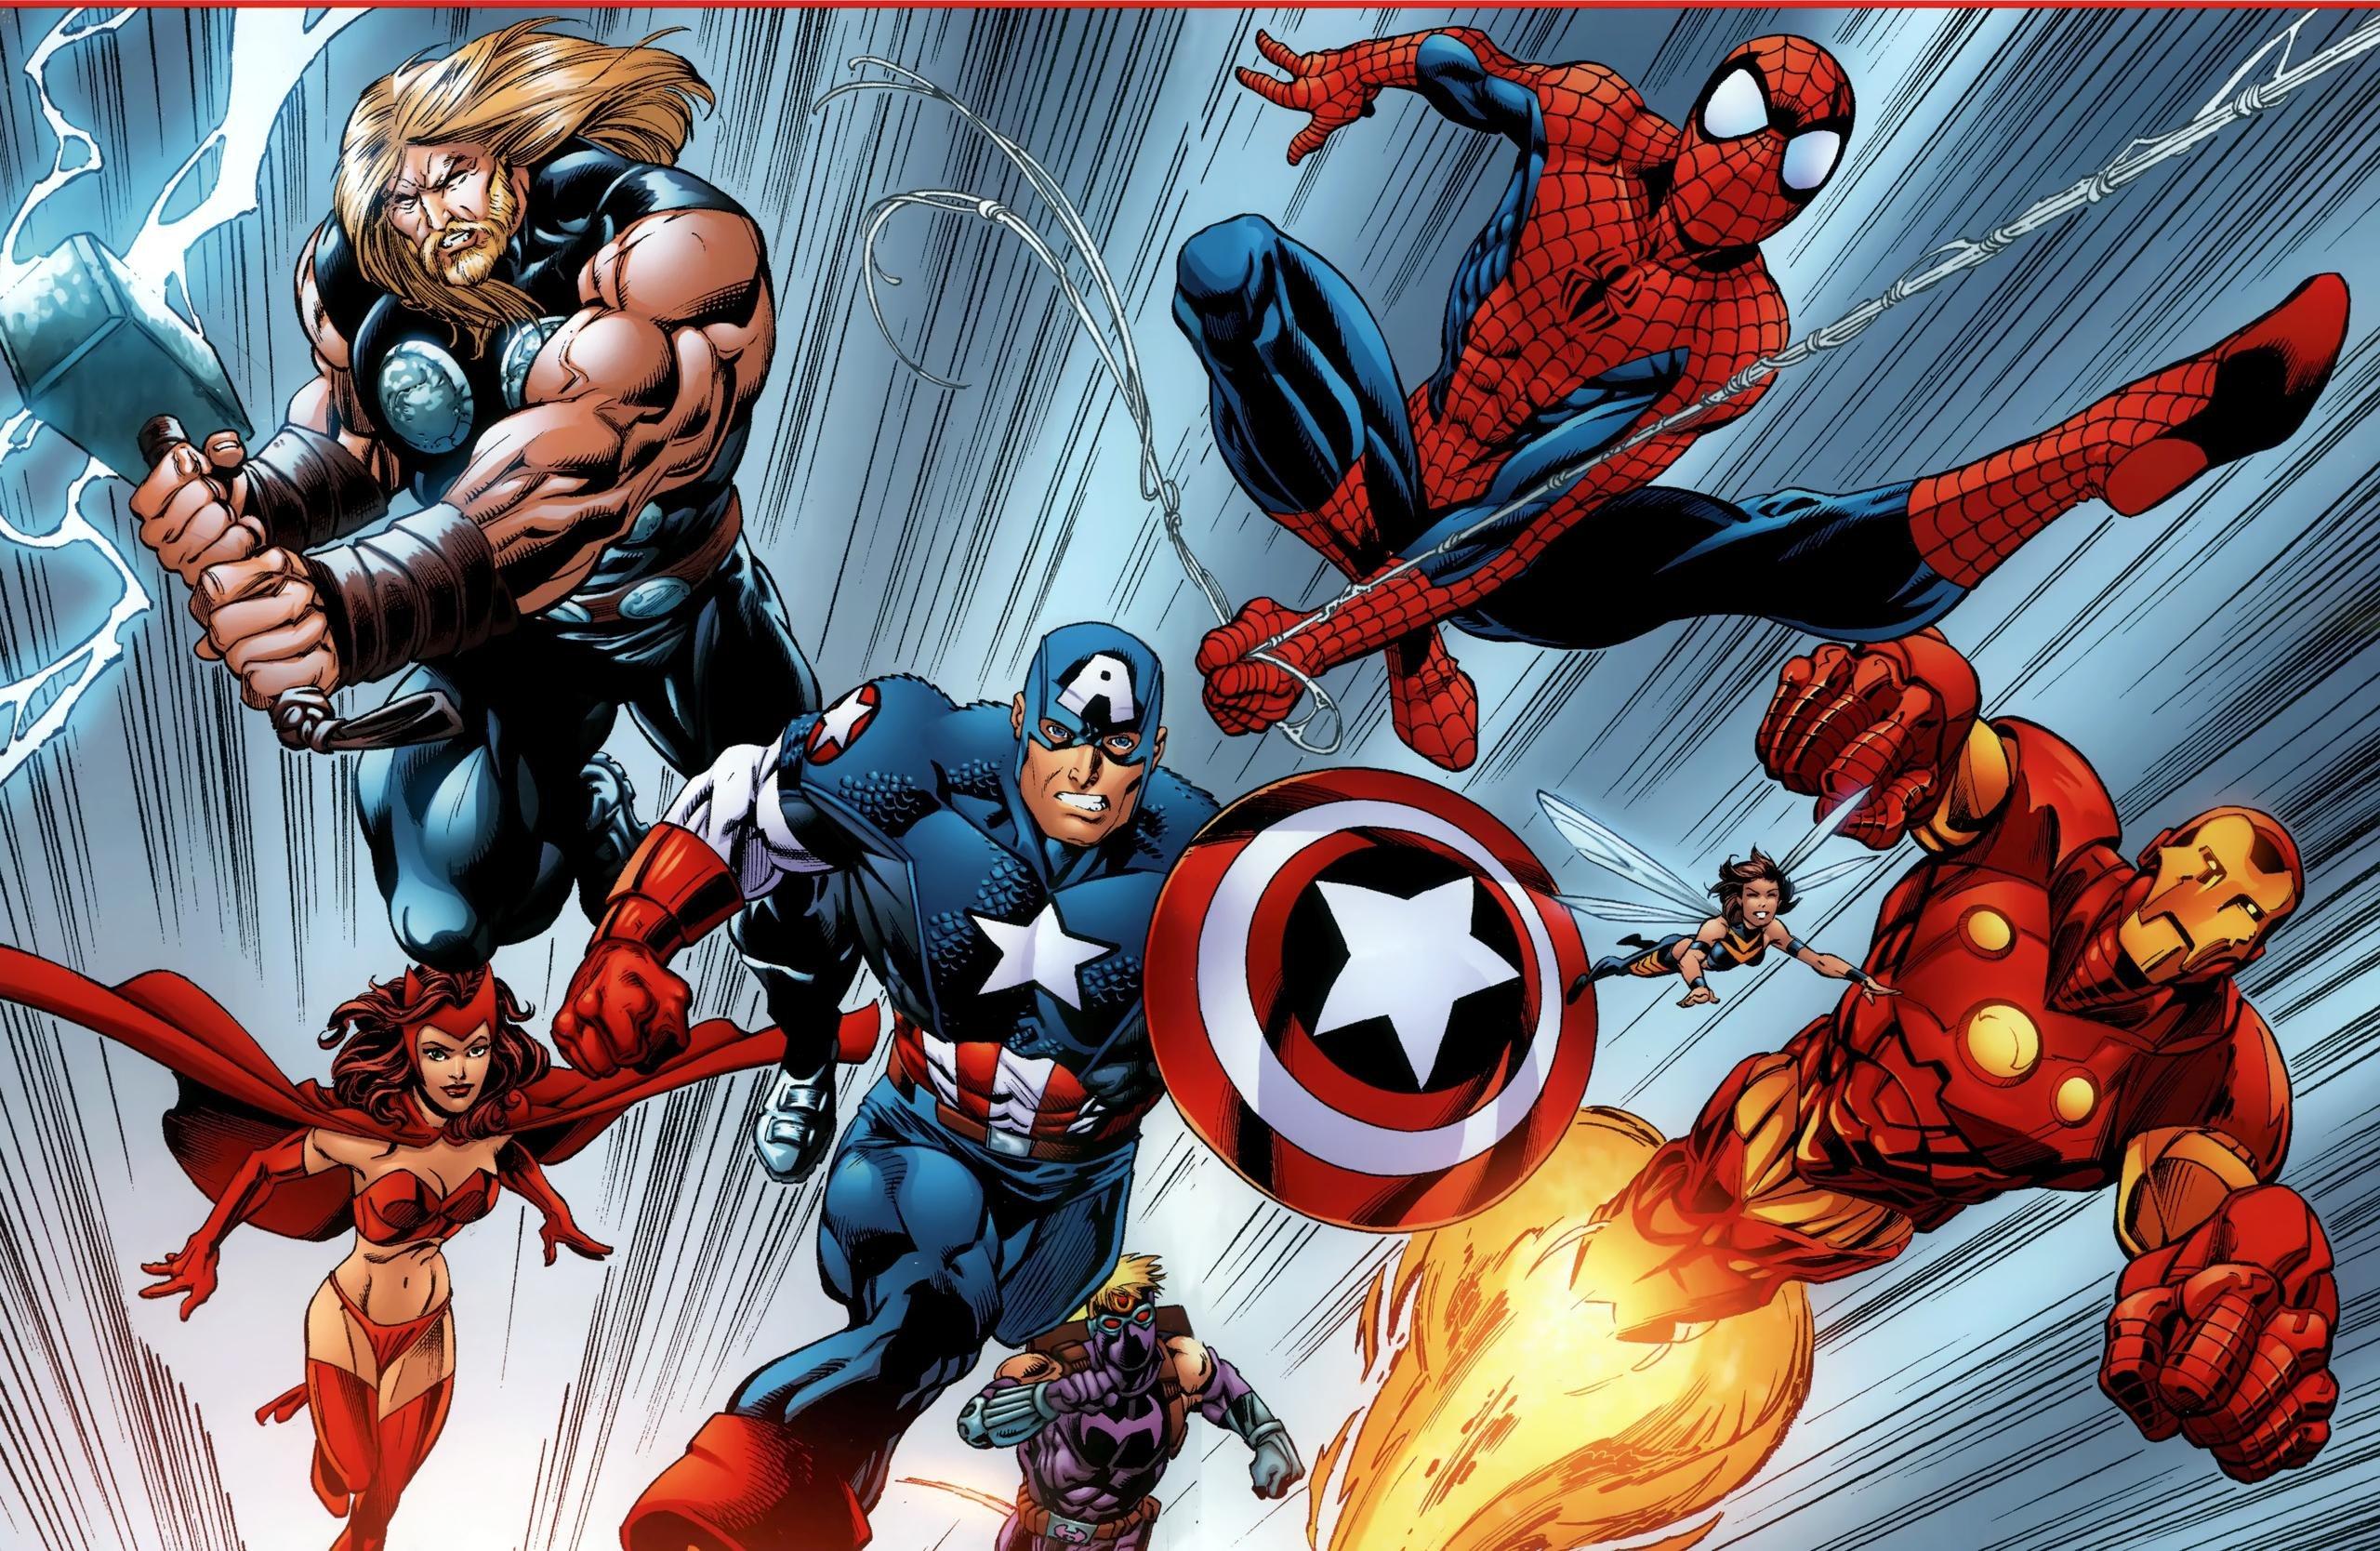 marvek 1.jpeg?resize=1200,630 - Univers Marvel: Finalement, le premier personnage transgenre n'est pas pour tout de suite